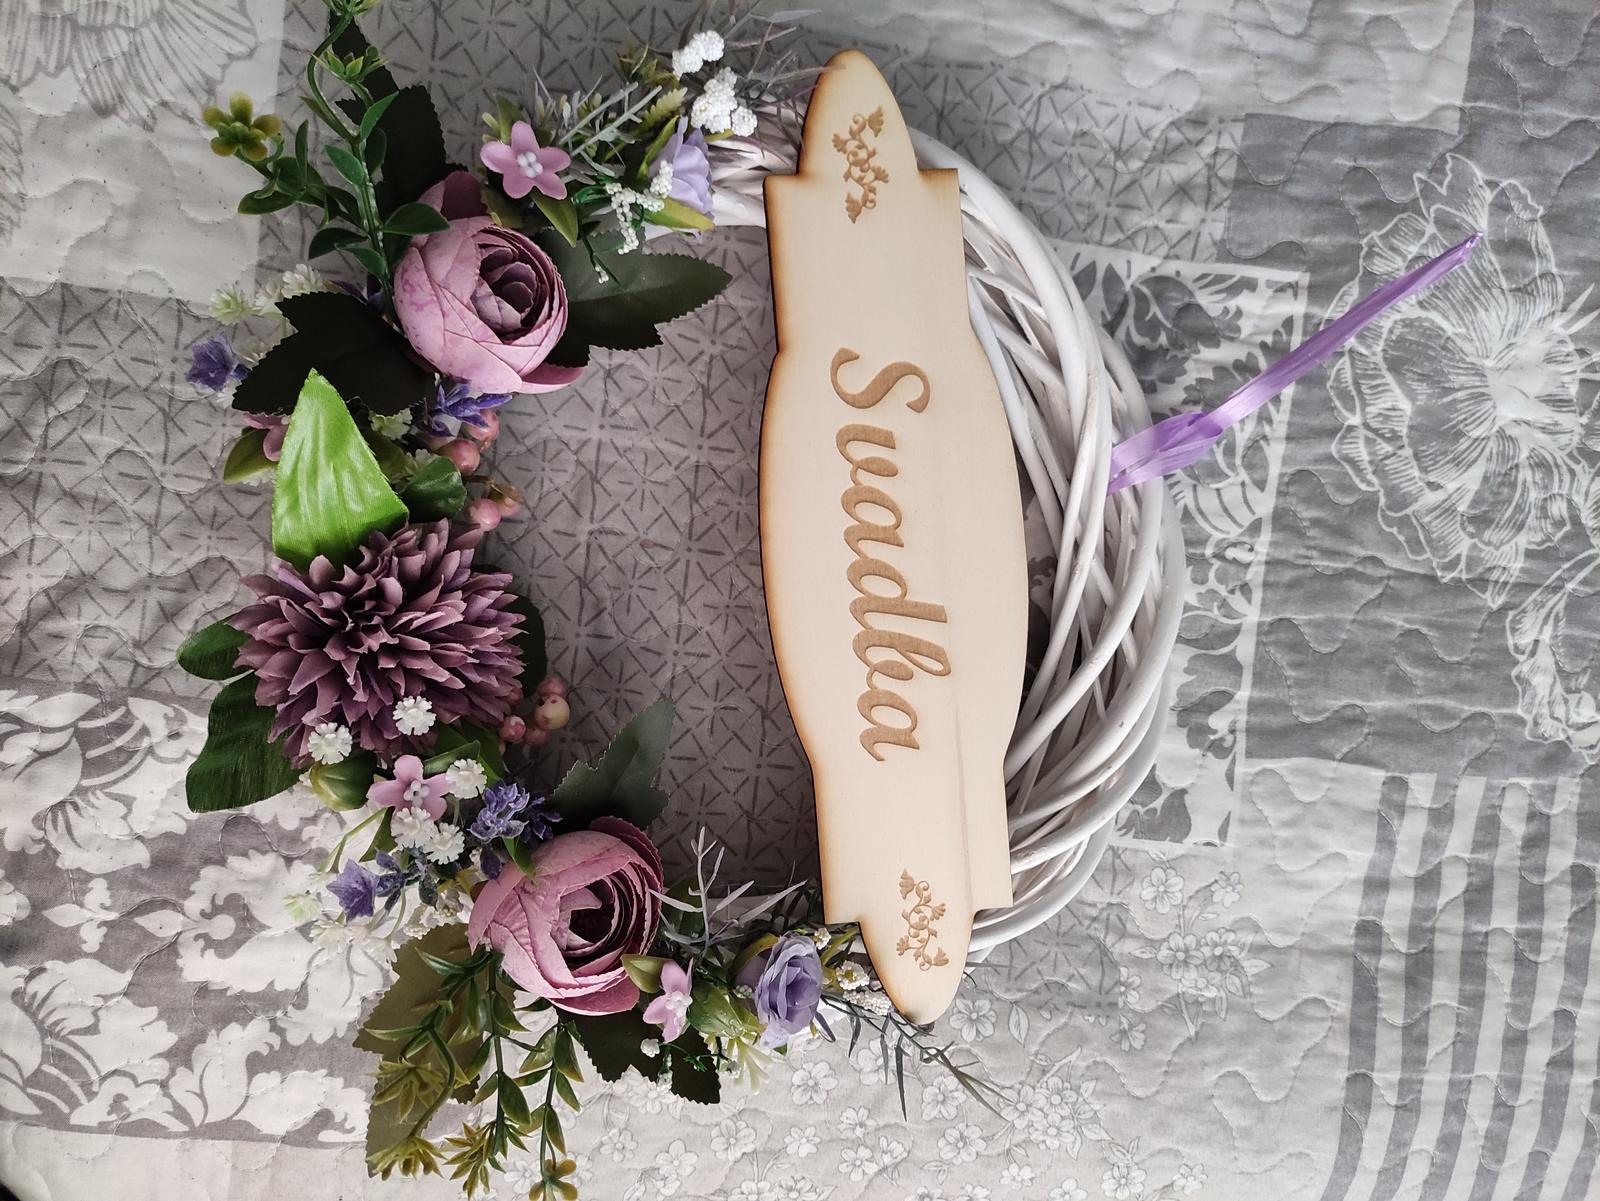 Veniec svadba - Obrázok č. 2